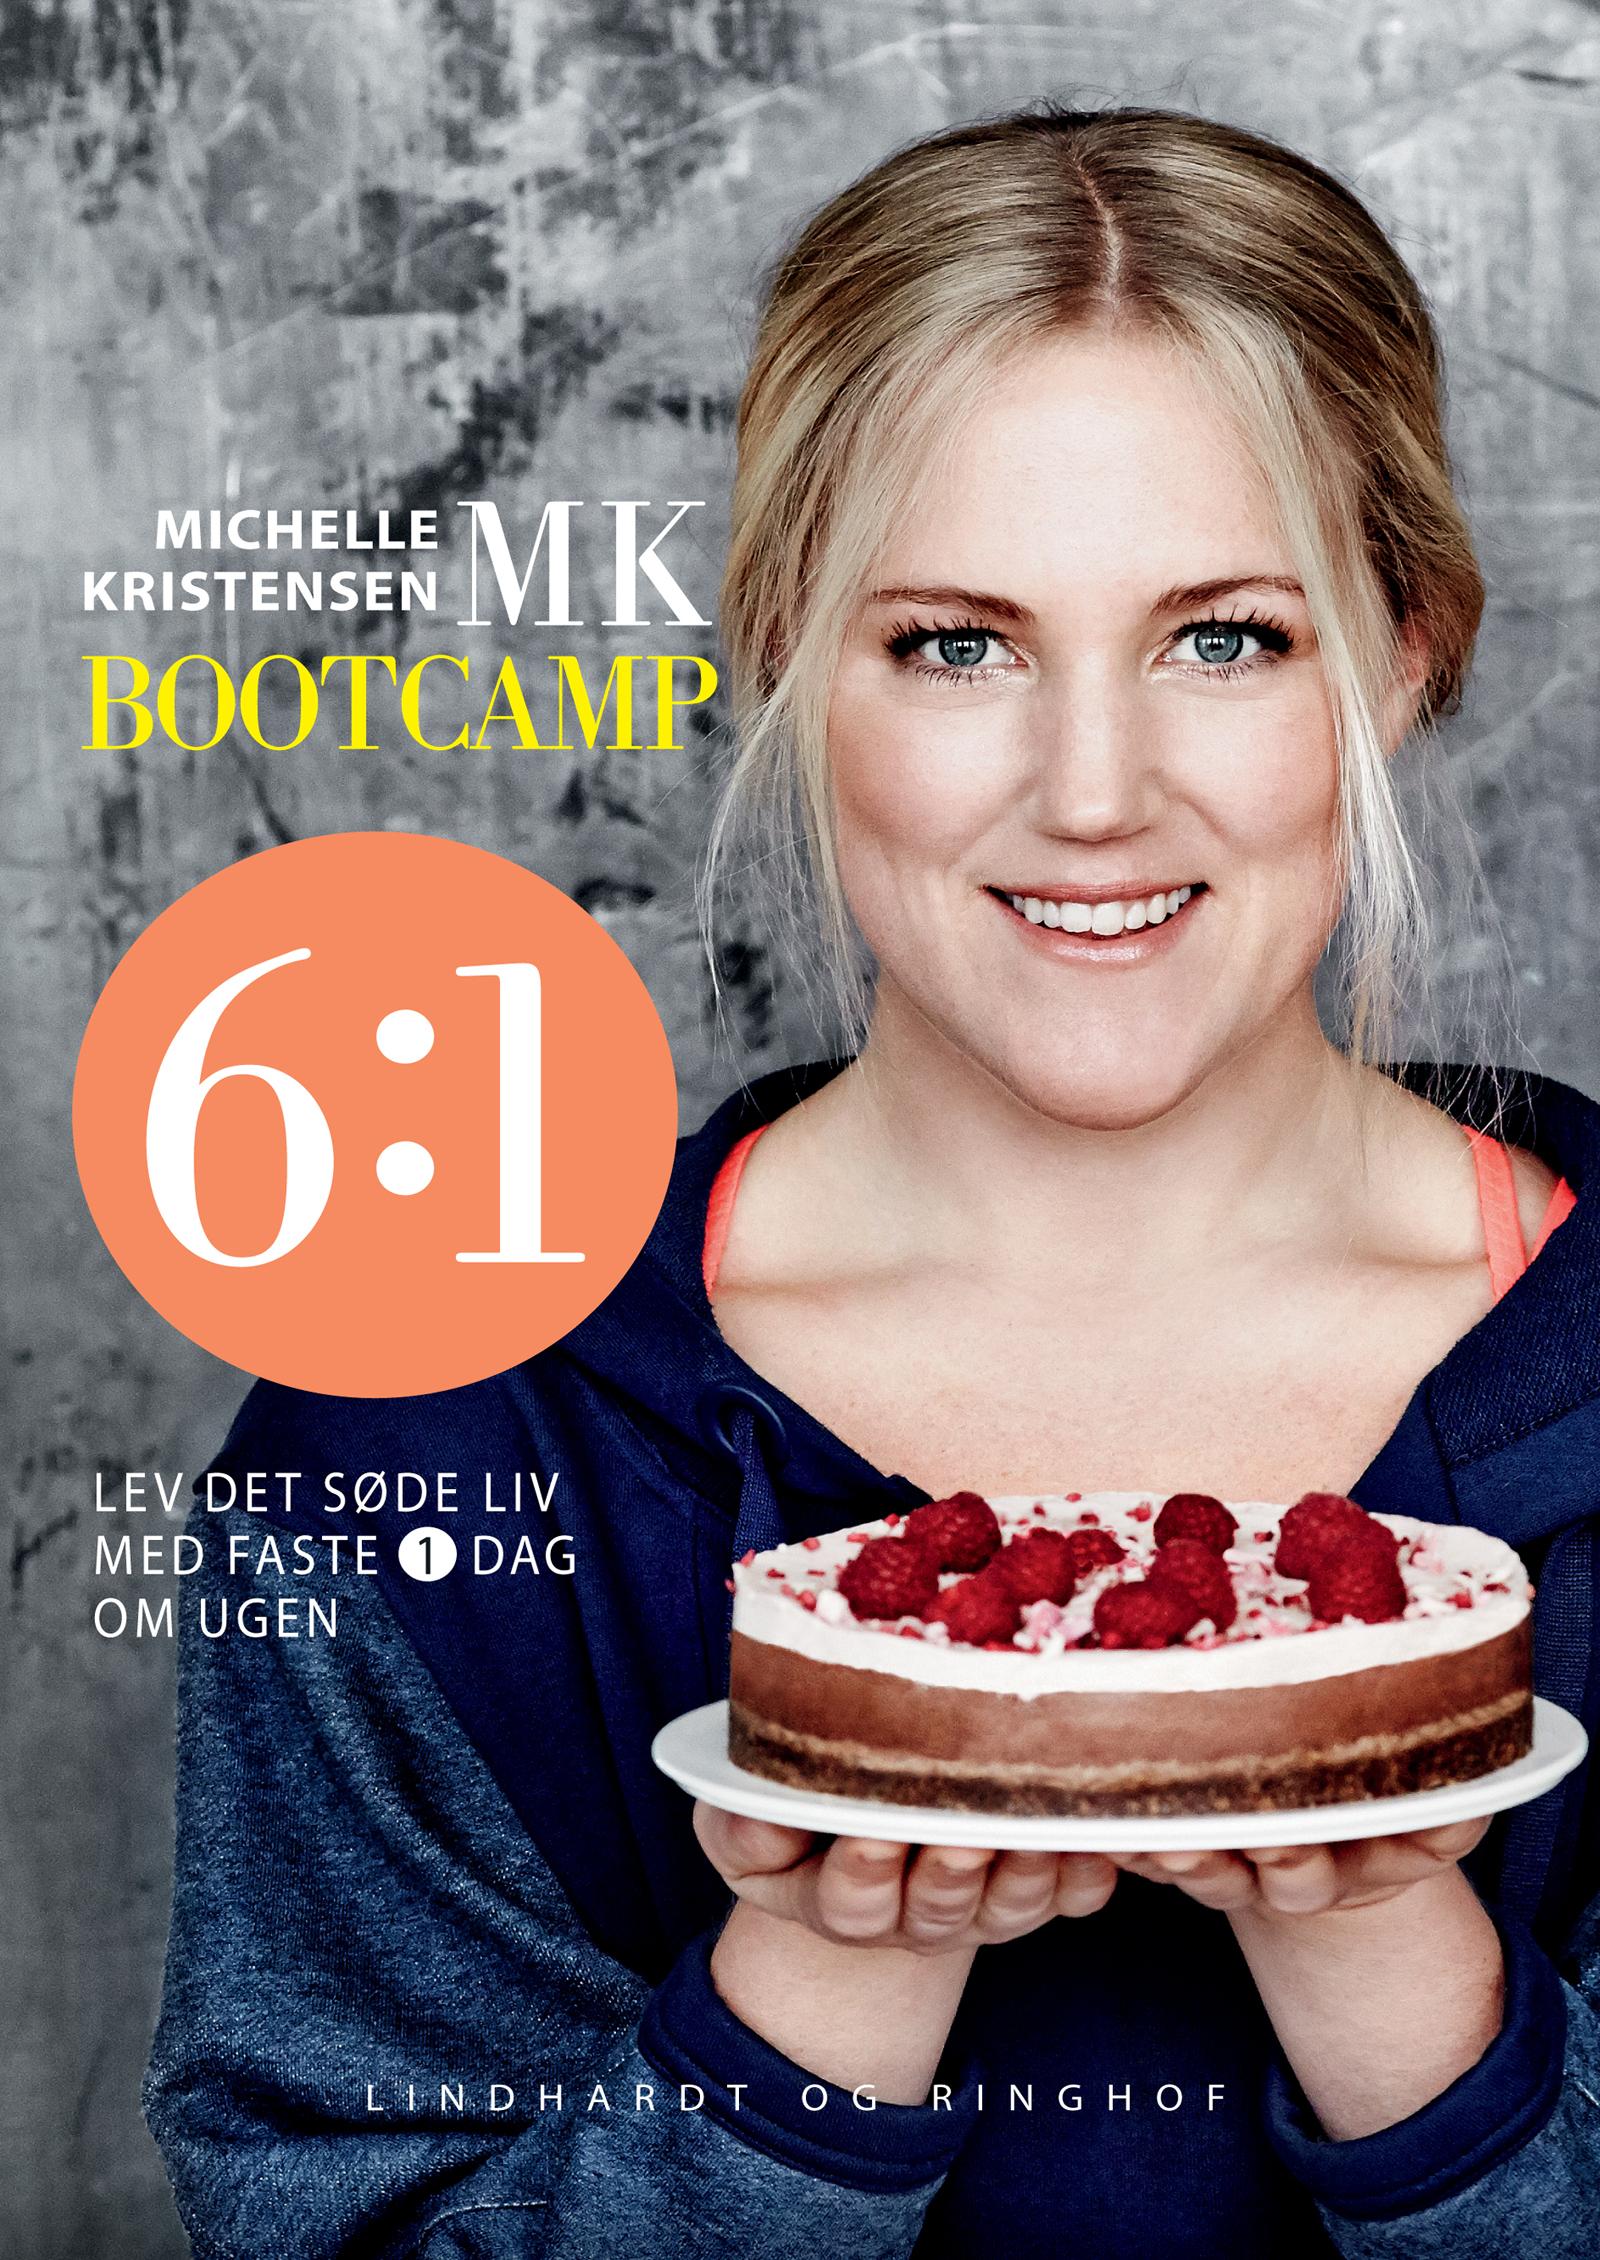 N/A – Mk bootcamp 6:1 lev det søde liv med faste 1 dag om ugen - e-bog fra bog & mystik